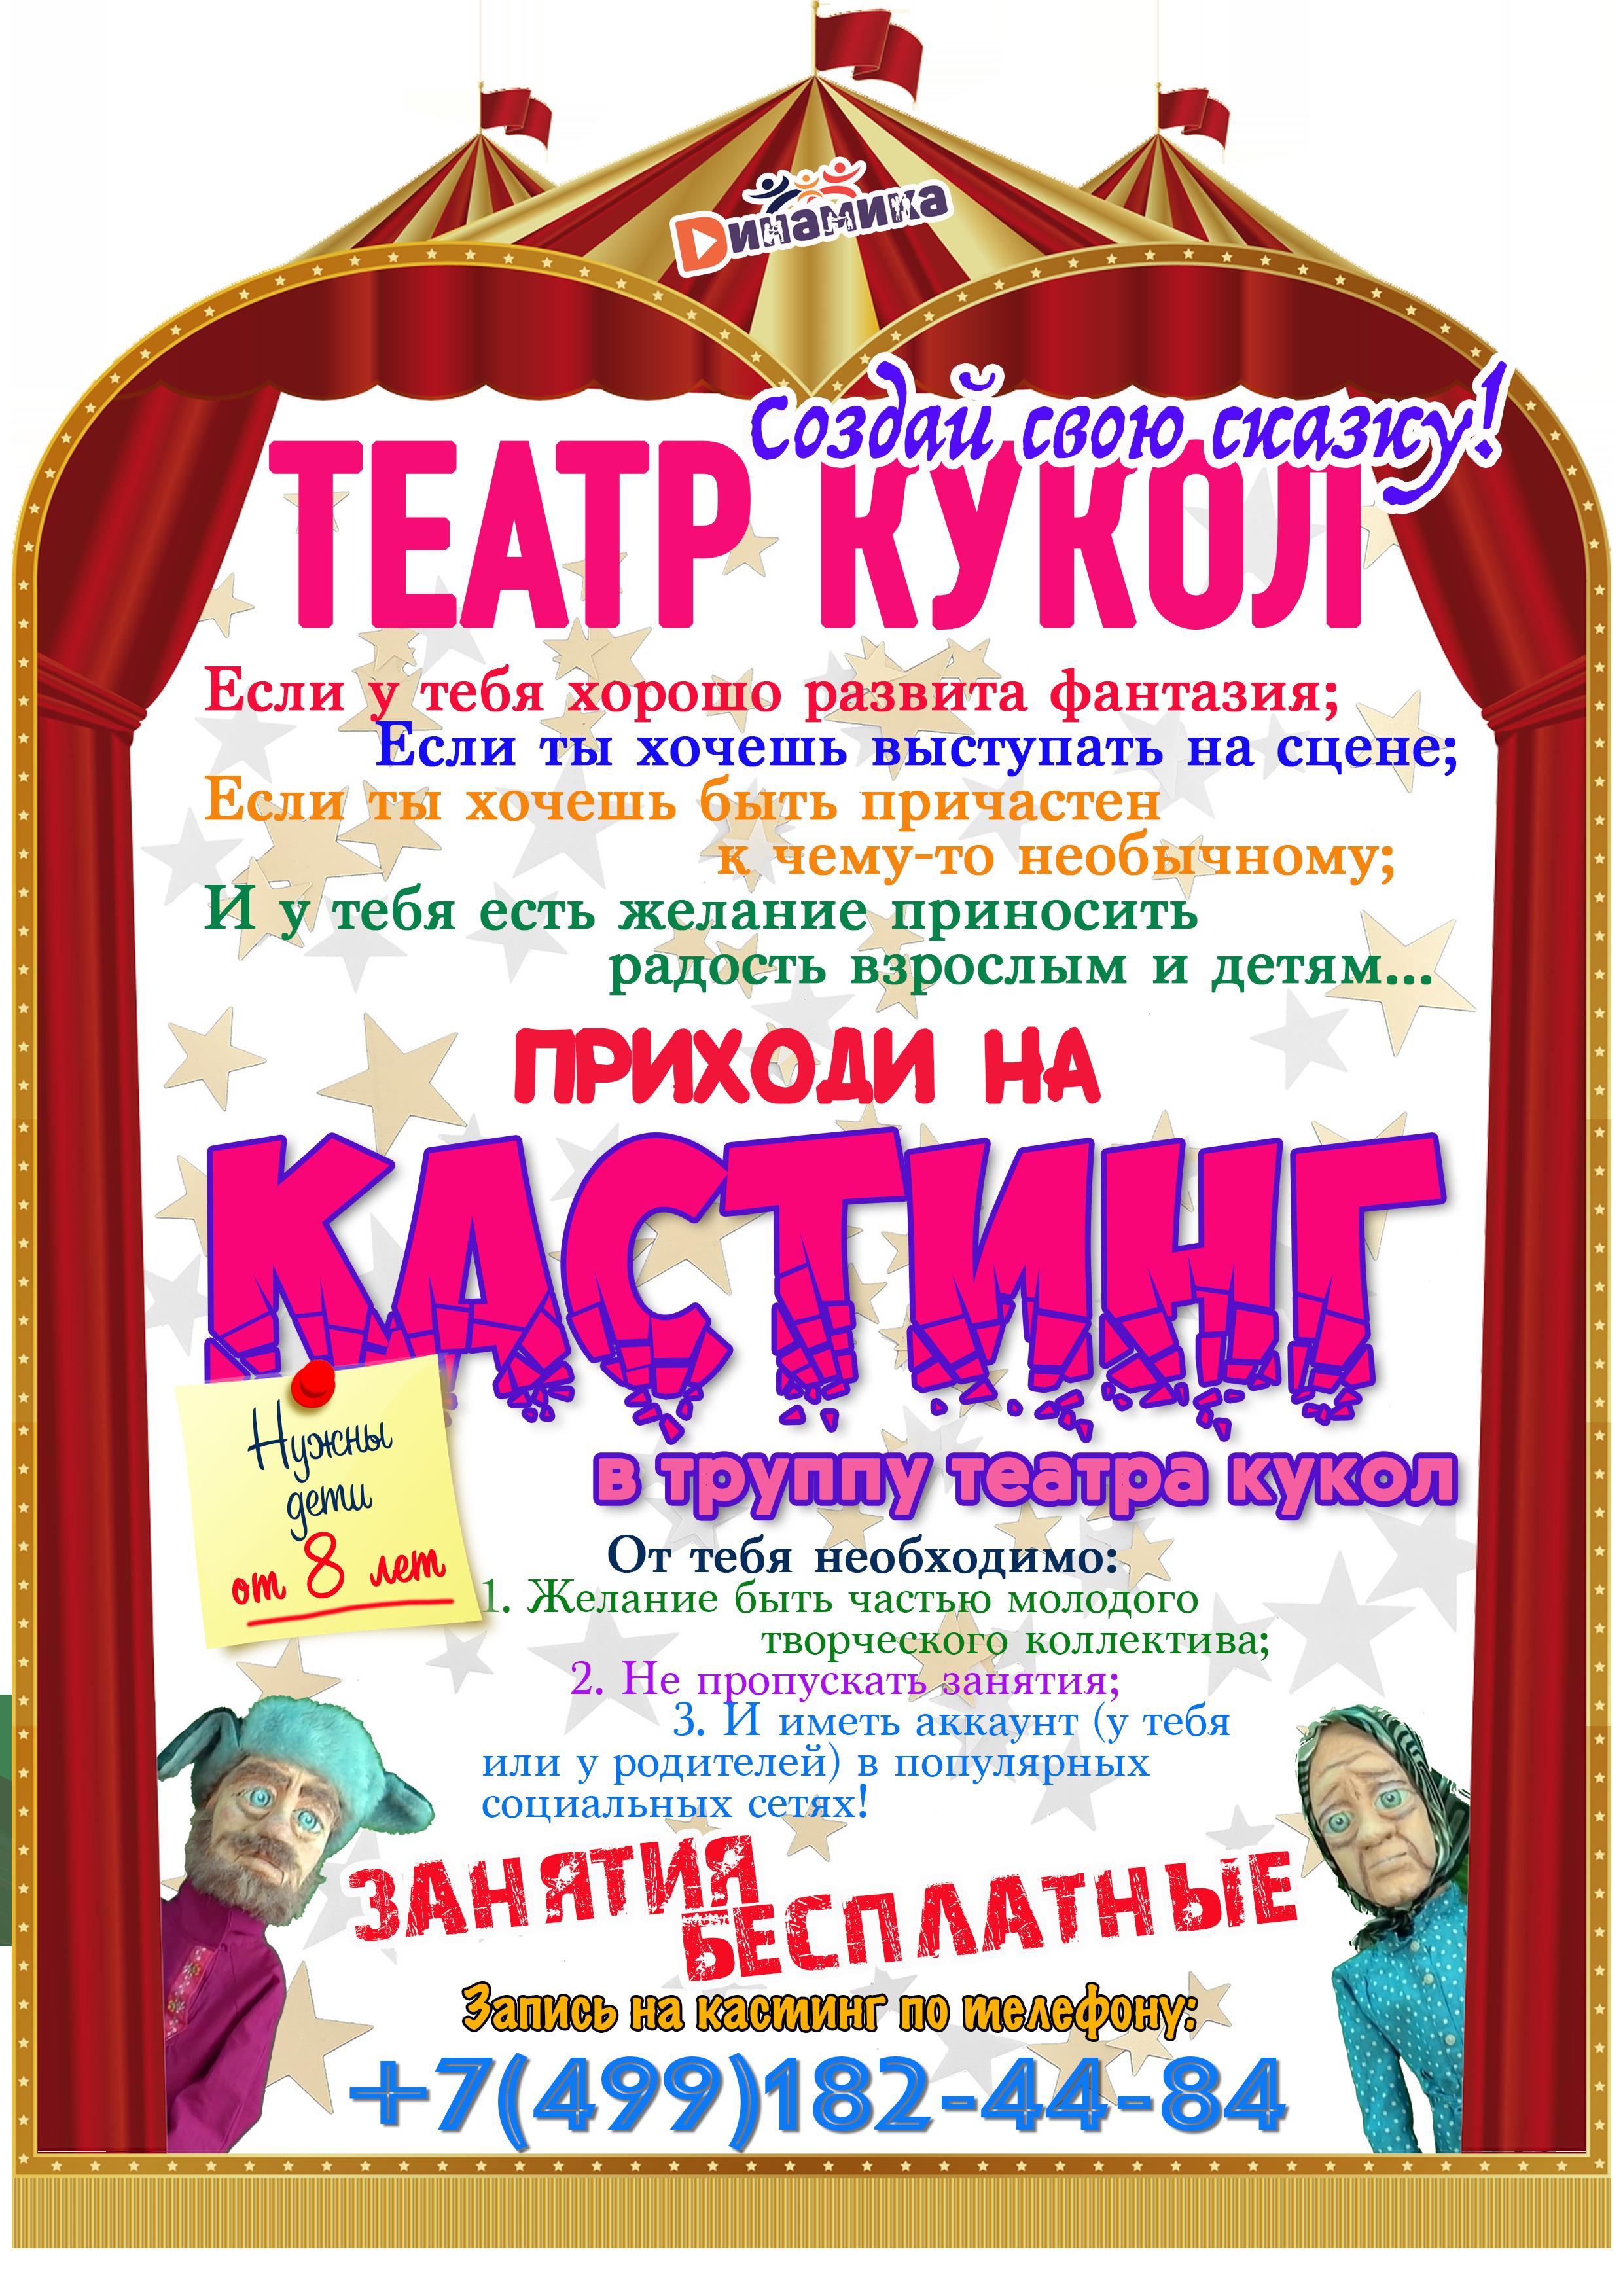 Театр кукол_кастинг